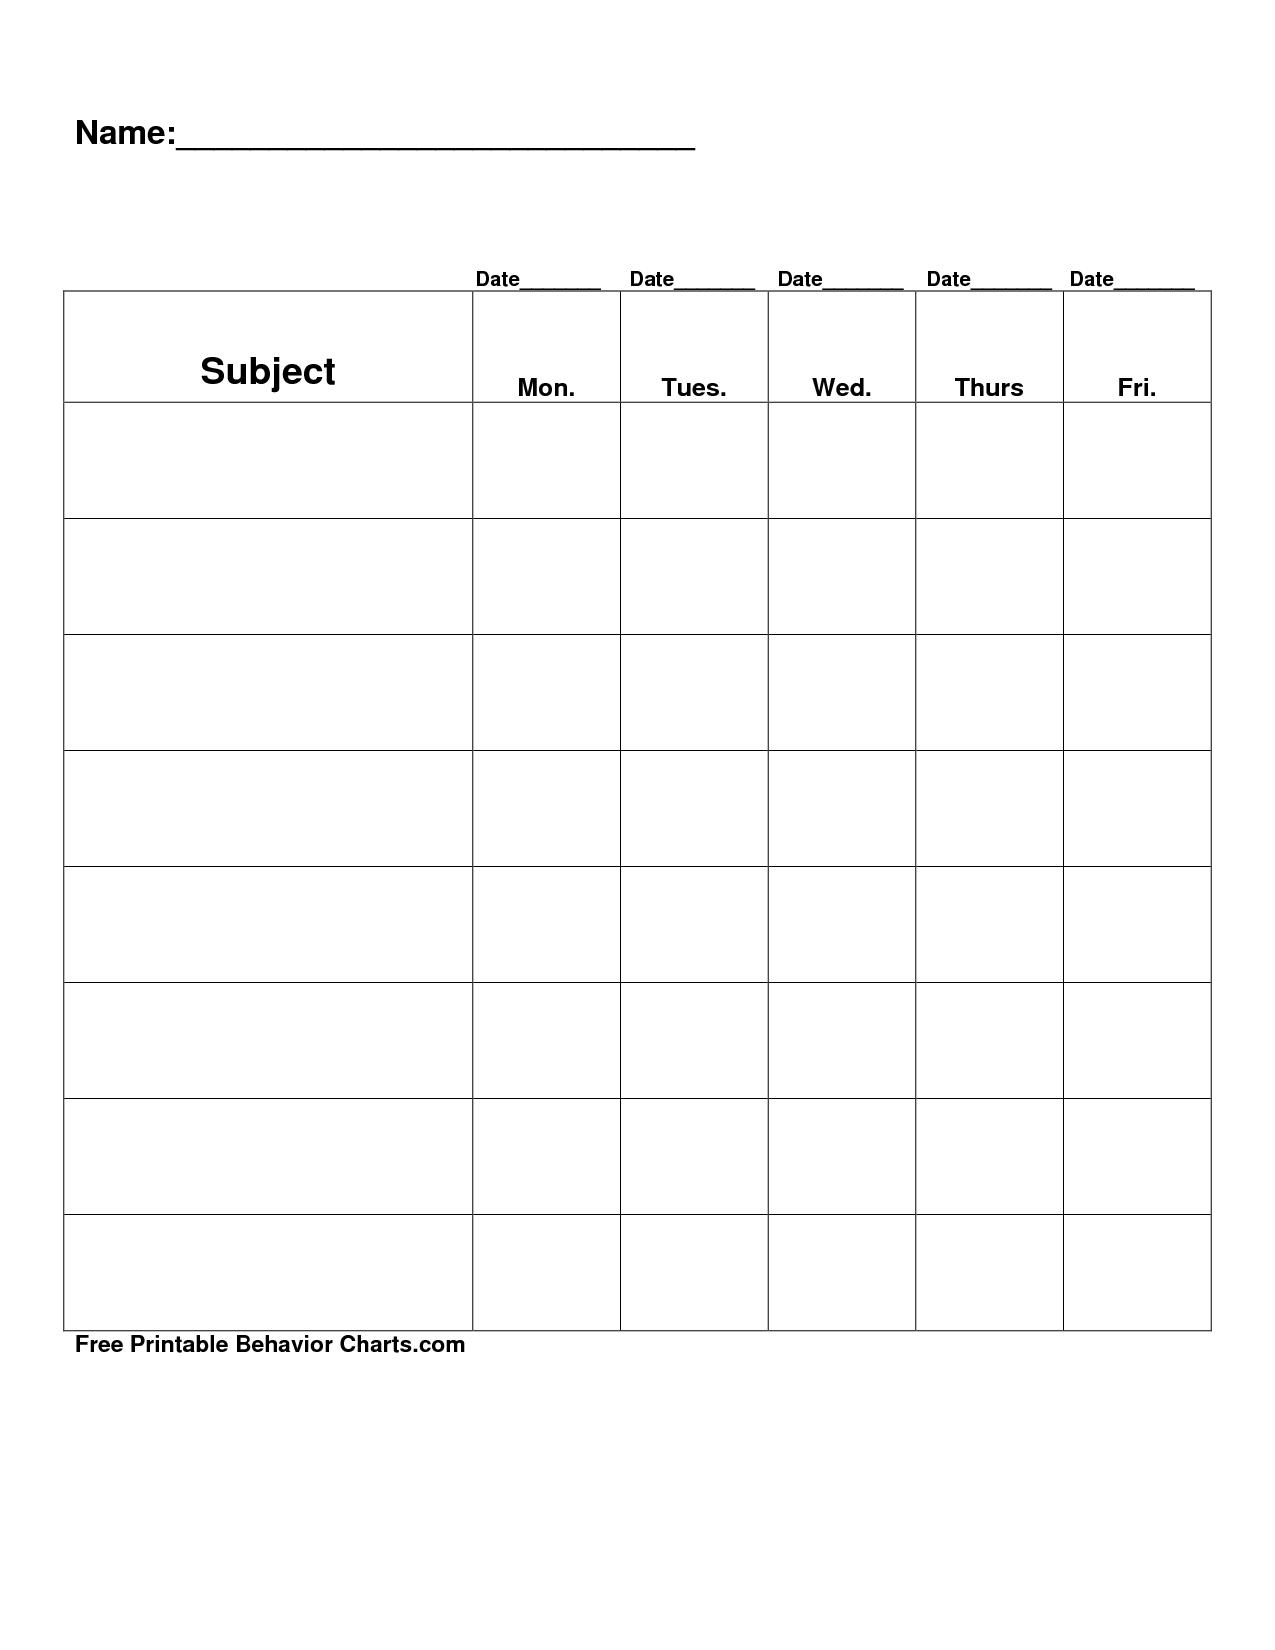 Free Printable Blank Charts | Free Printable Behavior Charts Com - Free Printable Behavior Charts